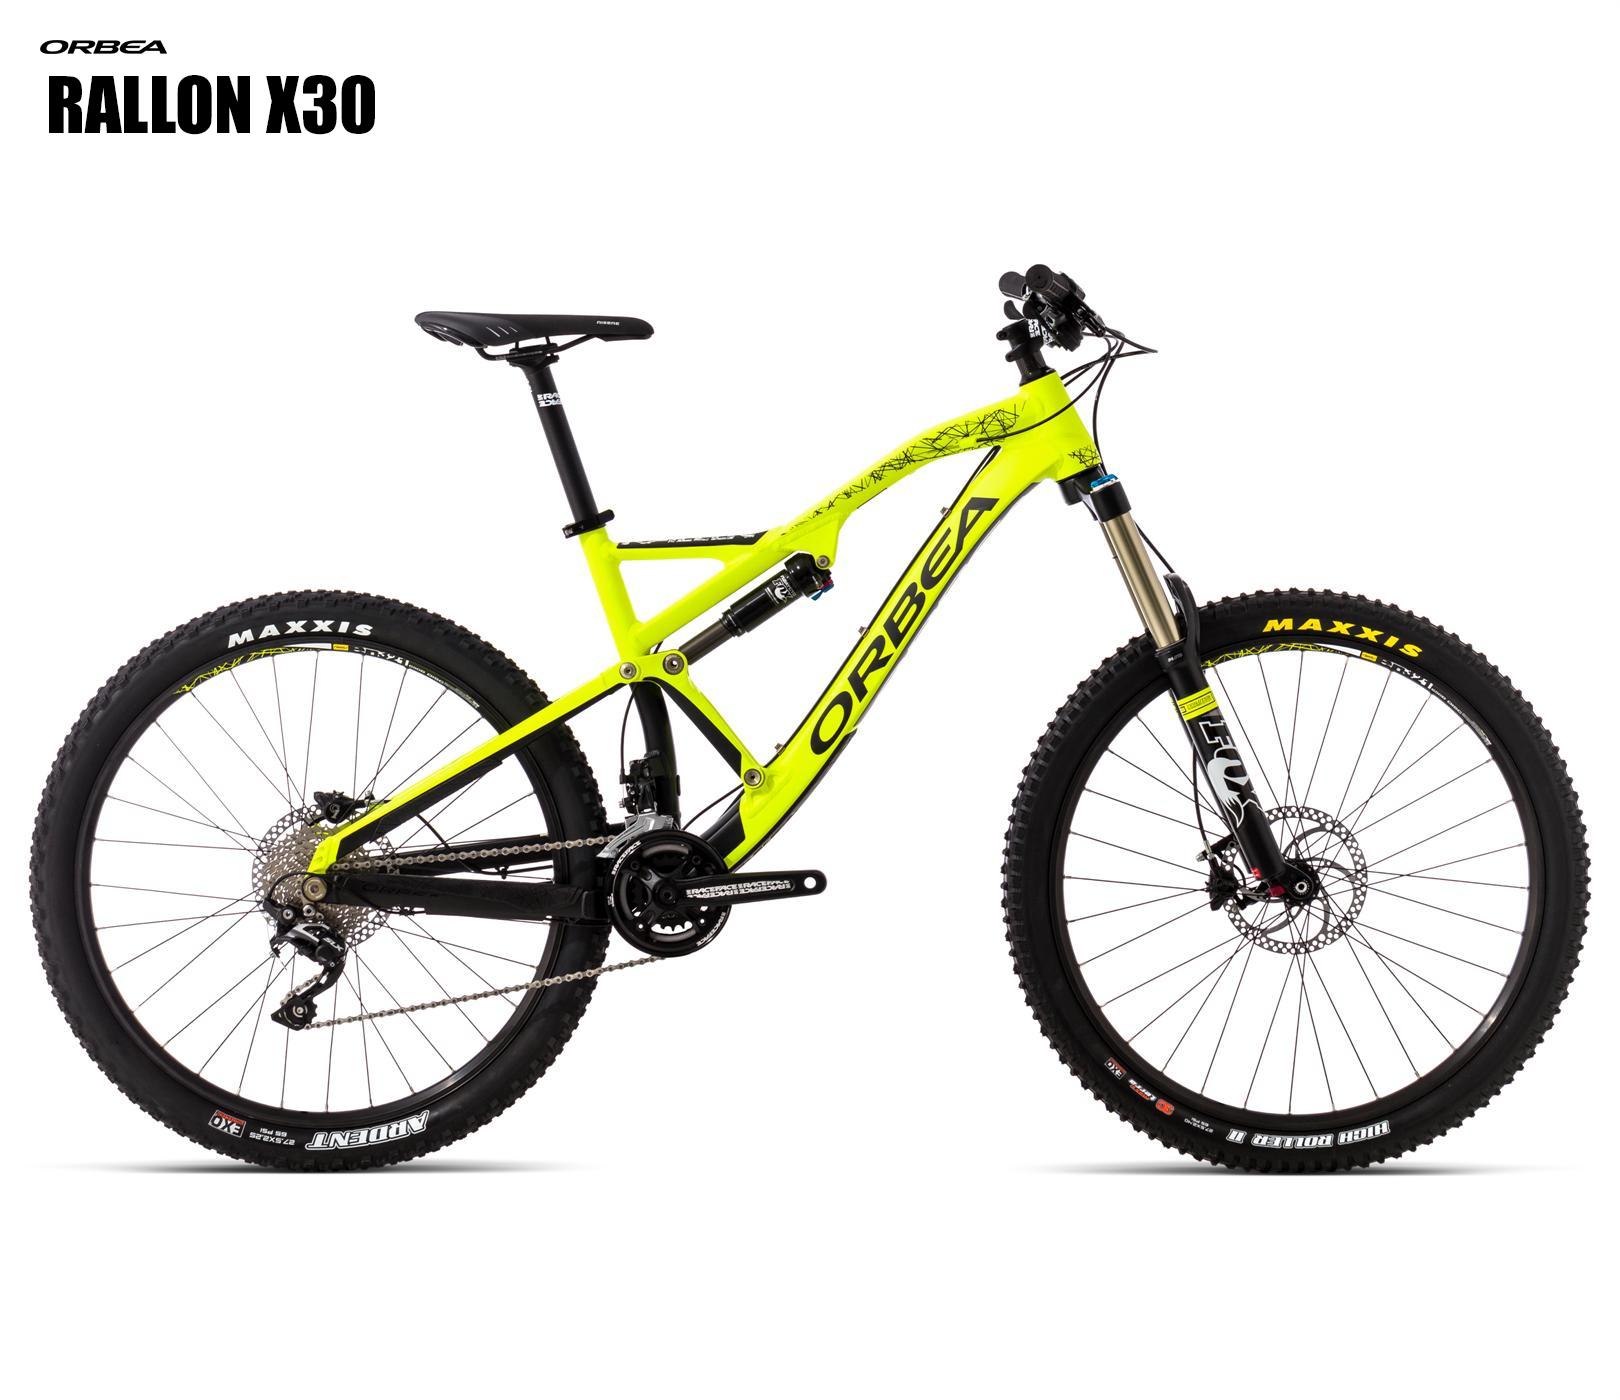 D252TTCC-G1-SIDE-RALLON X30